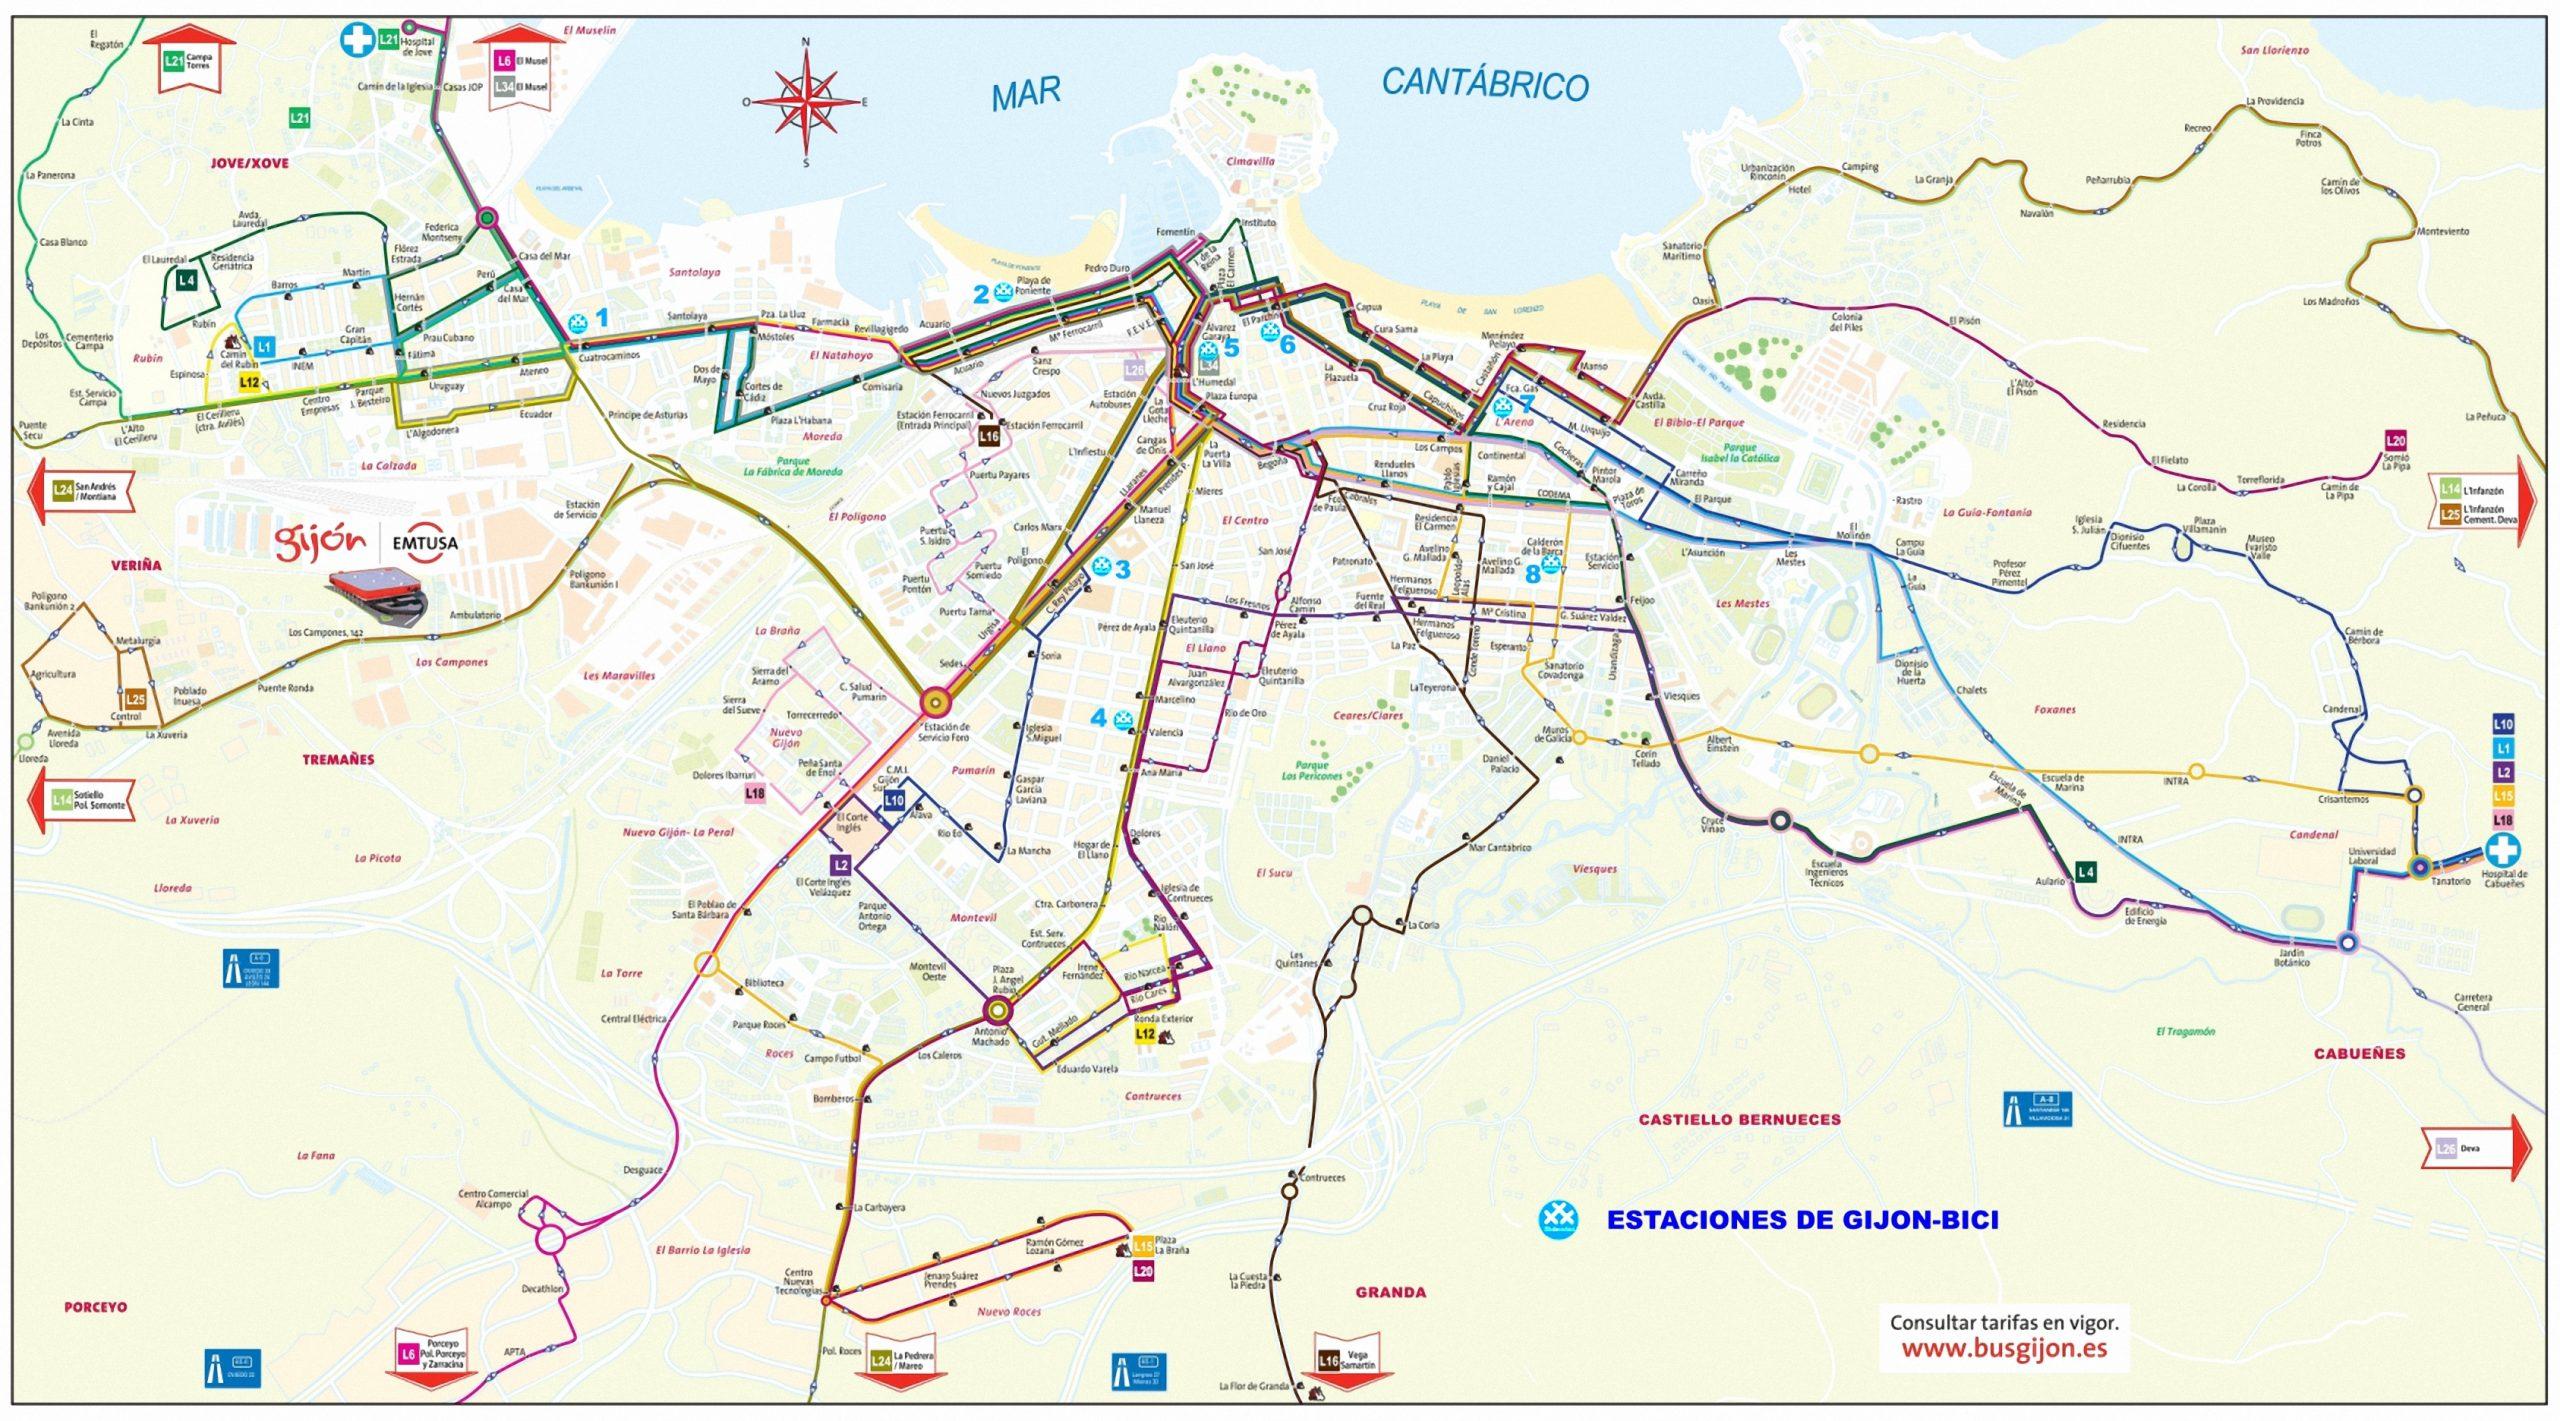 Mapa Carril Bici Gijon.Concurso Gijon Bus Ride 2020 Tercer Reto Intermodal 30 Dias En Bici